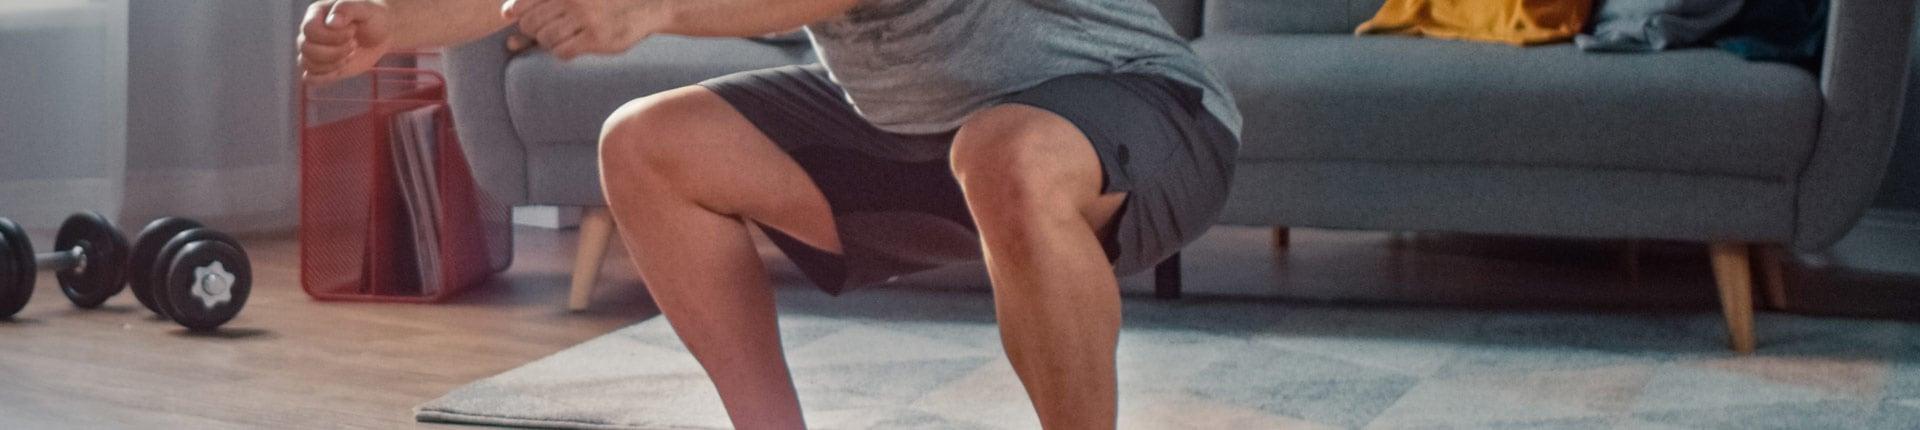 Ćwiczenia na nogi - Trening nóg w domu bez sprzętu